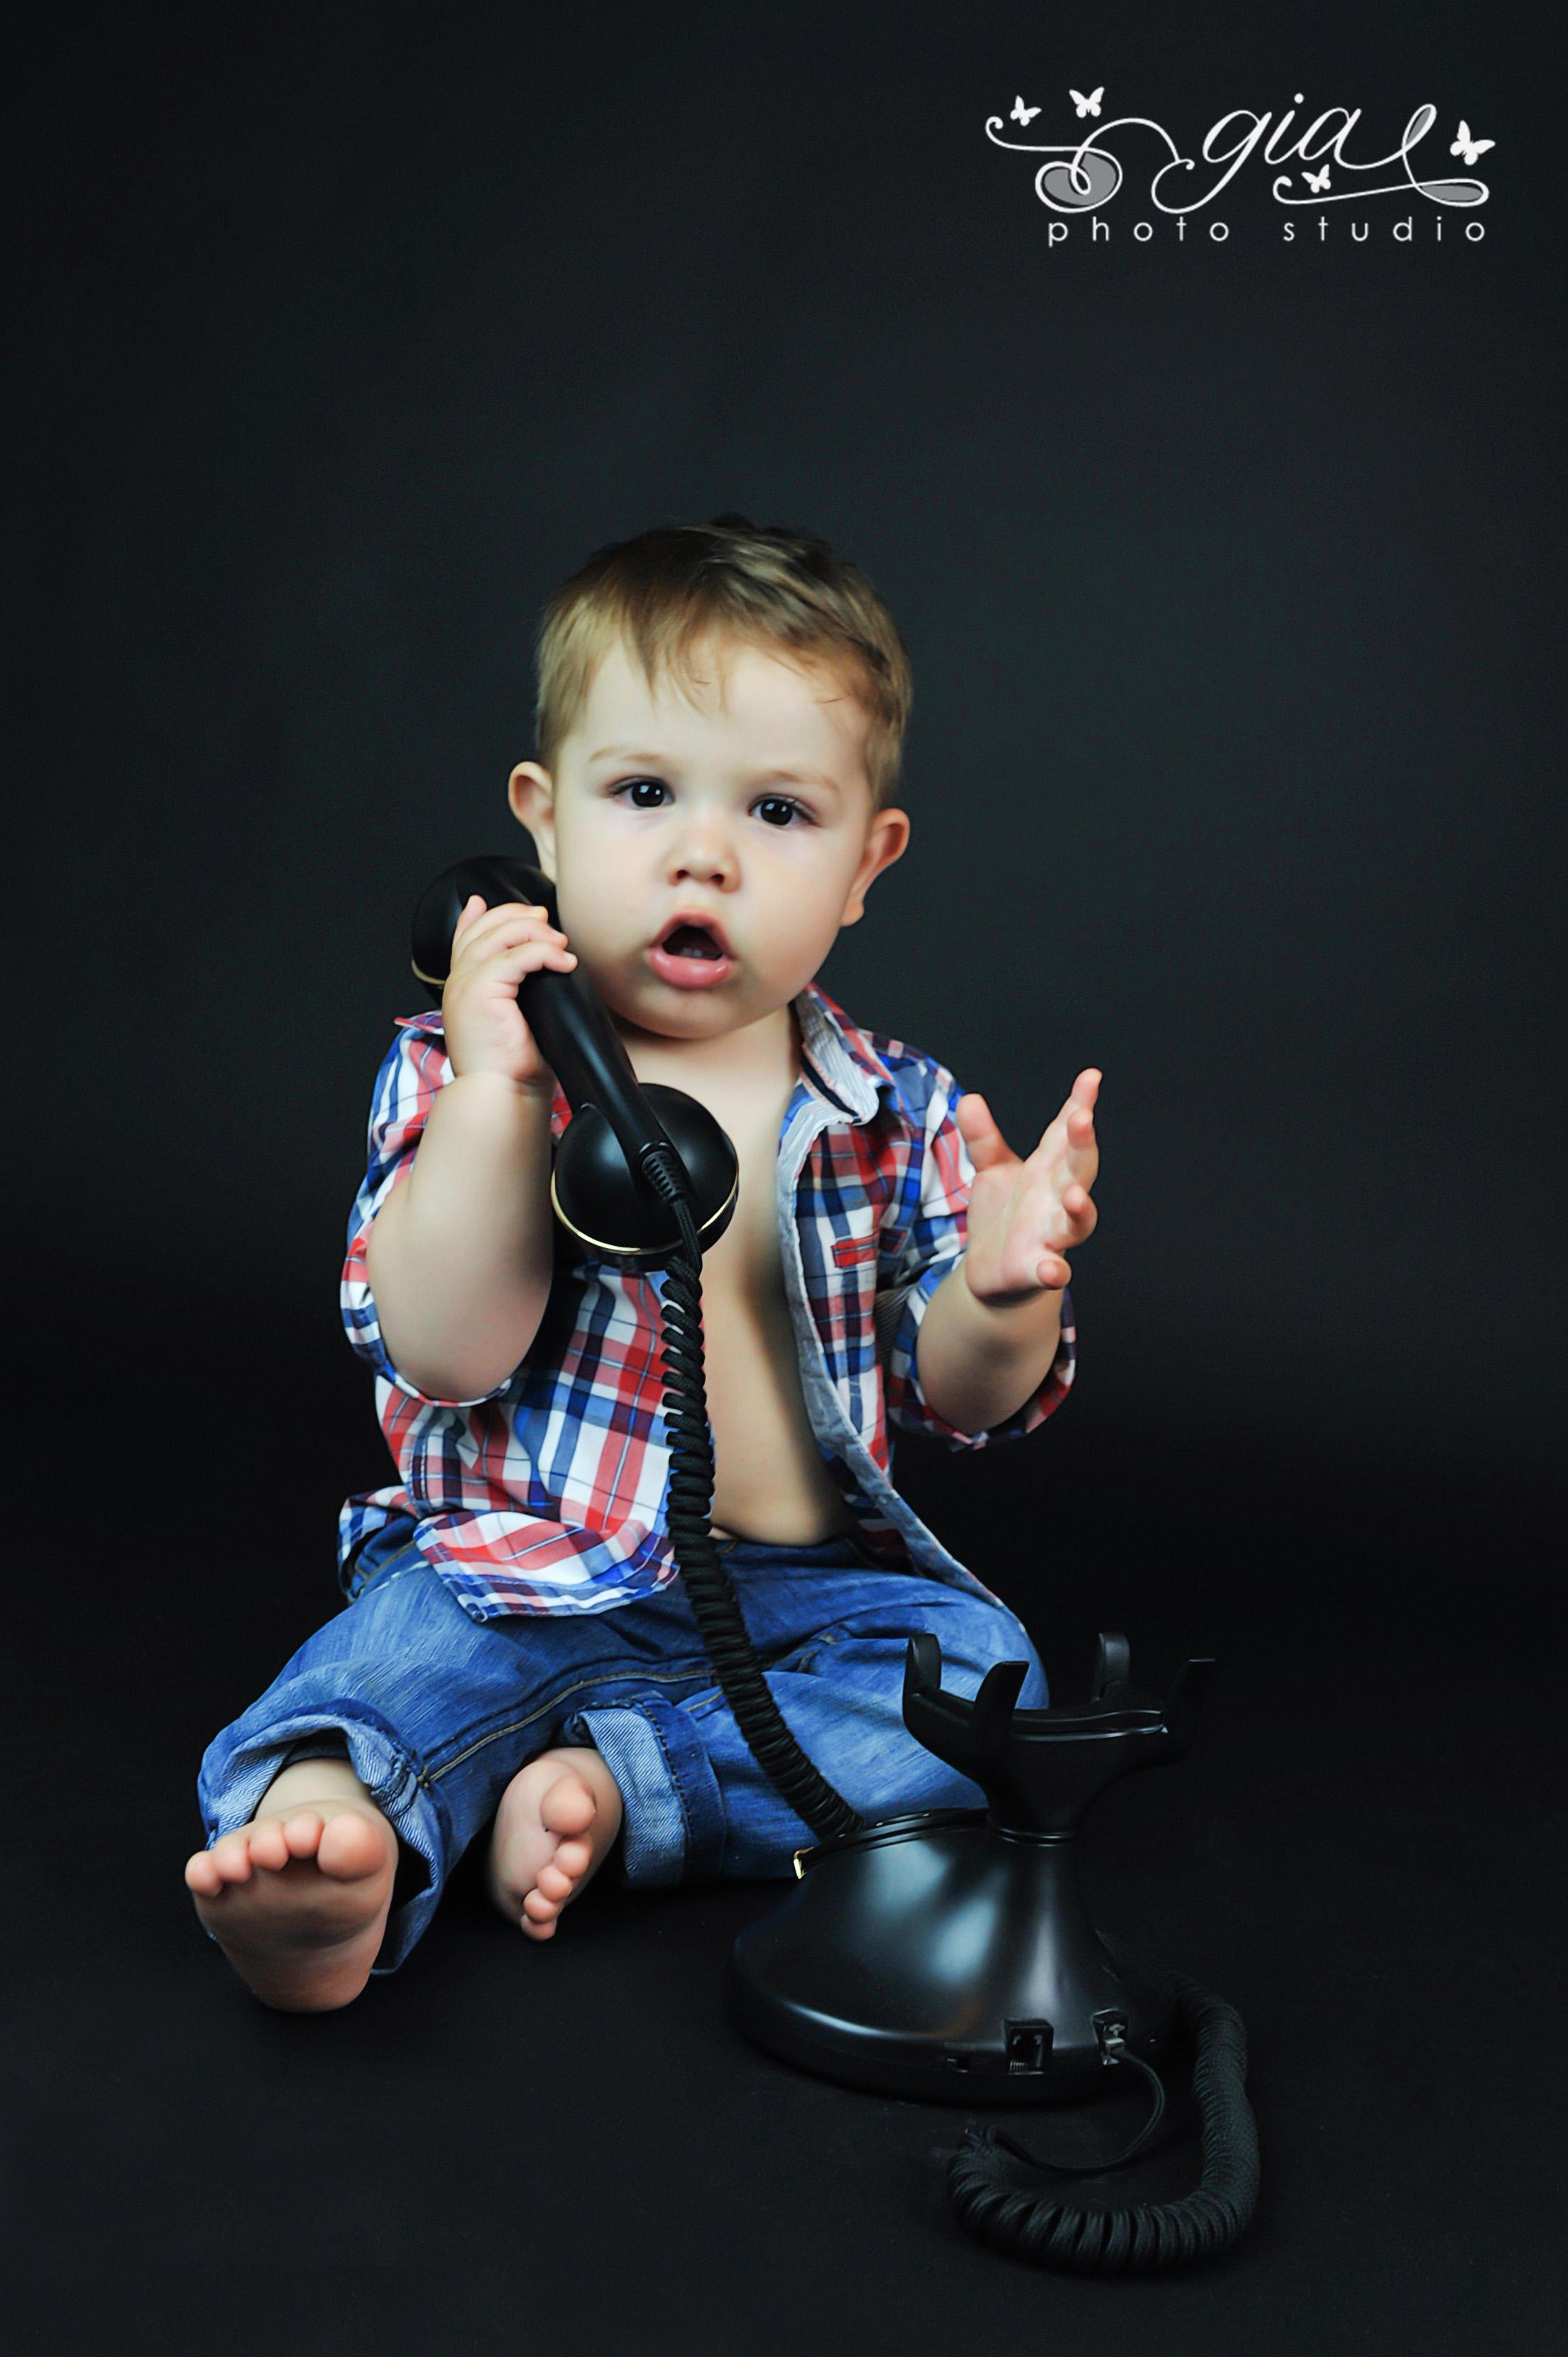 Alo, bebe la telefon, aici e studioul GIA?